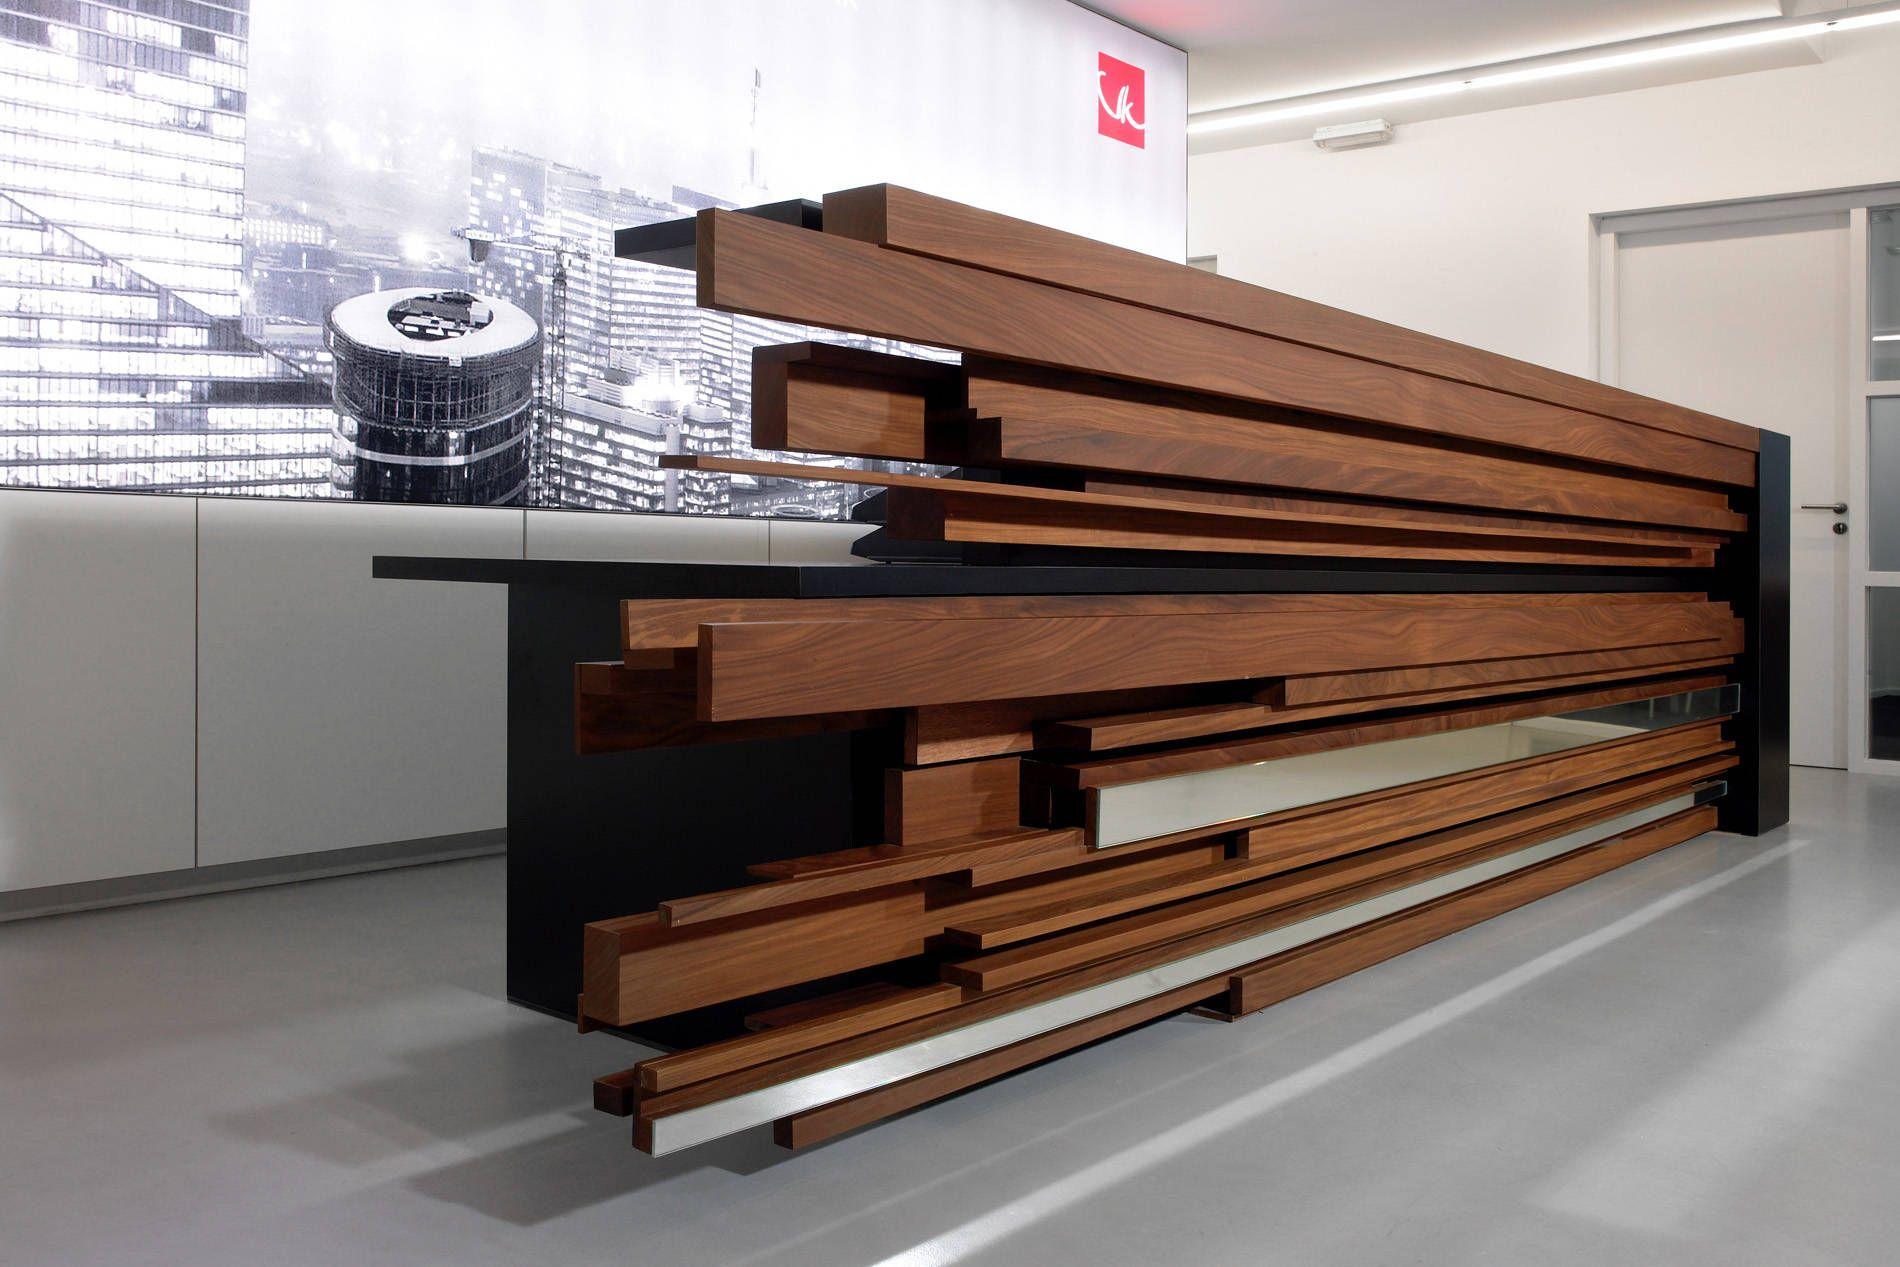 Reception area ideas oficina pinterest recepciones for Muebles de cocina zarate